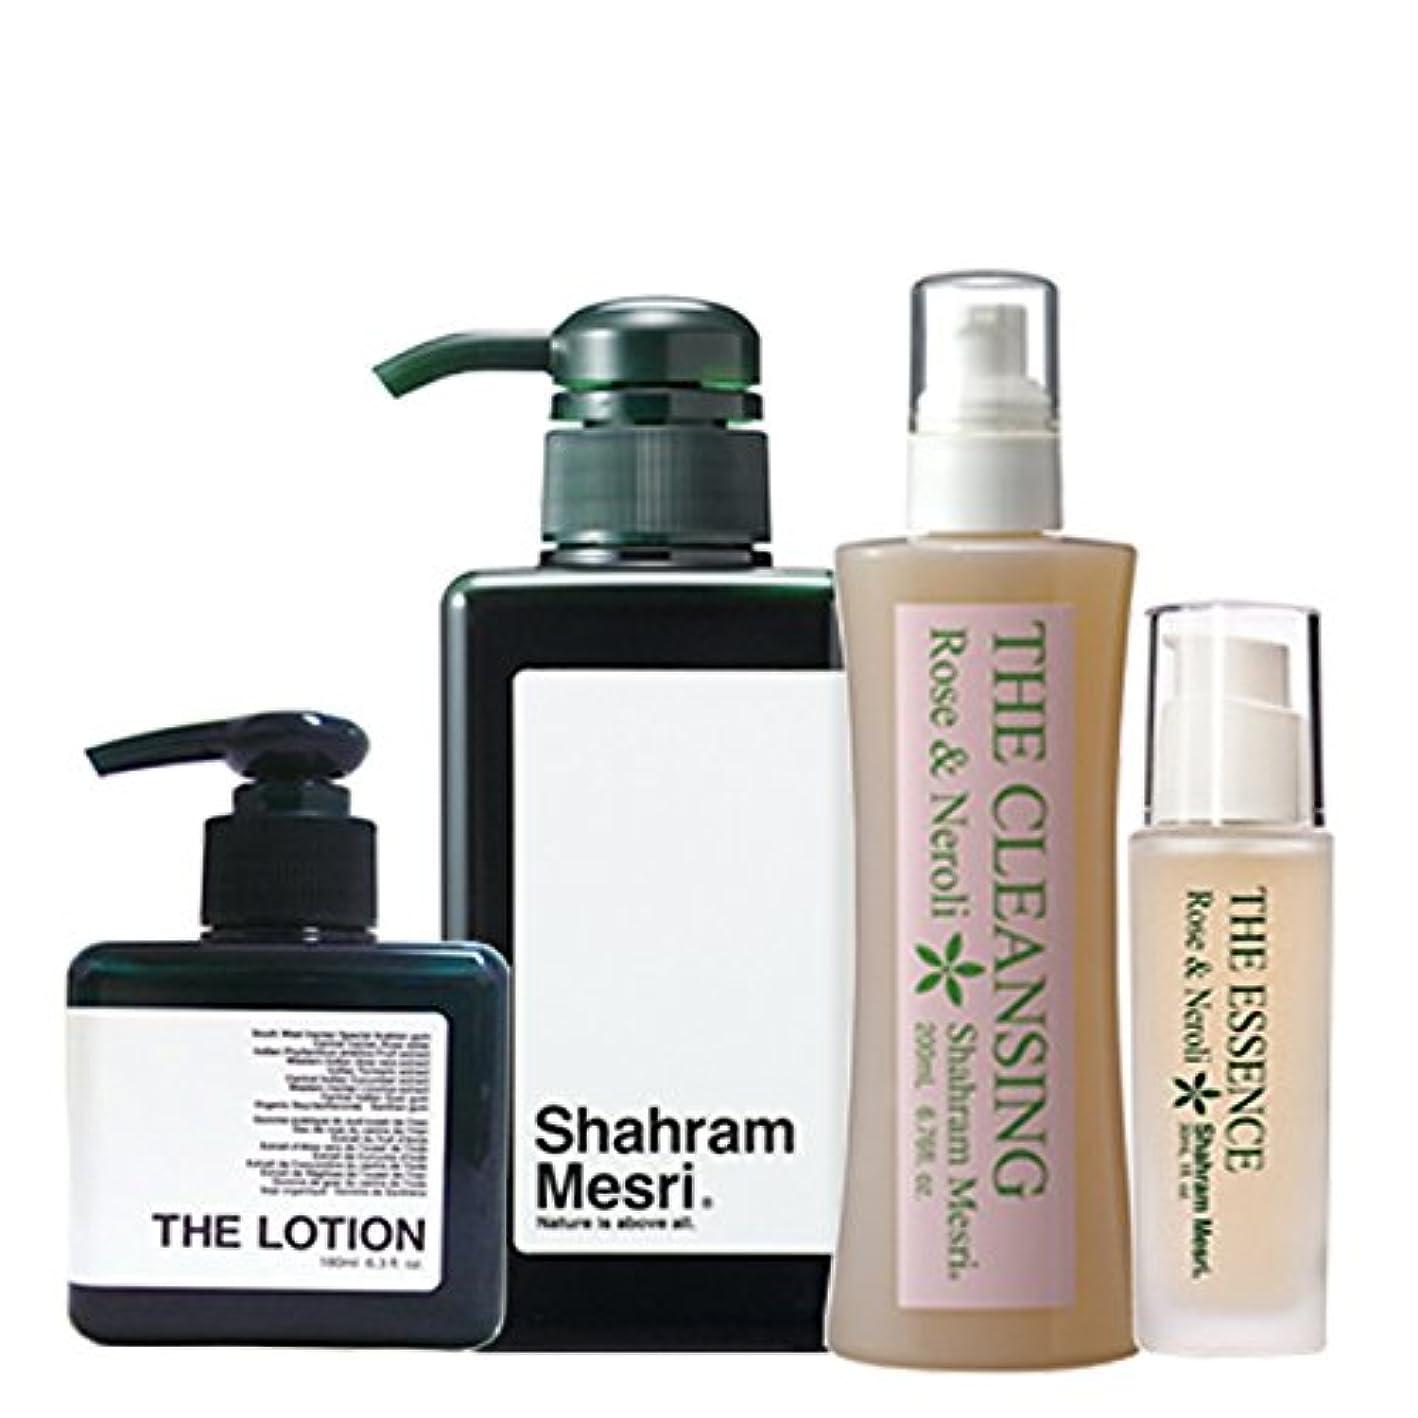 カヌー委員長特殊Shahram Mesri パーフェクトセット シャハランメスリ ザ?シャンプー ザ?ローション ザ?クレンジング ザ?エッセンス のセットです。 お化粧落としからシャンプーそしてローションエッセンスの仕上げまで お試しください。